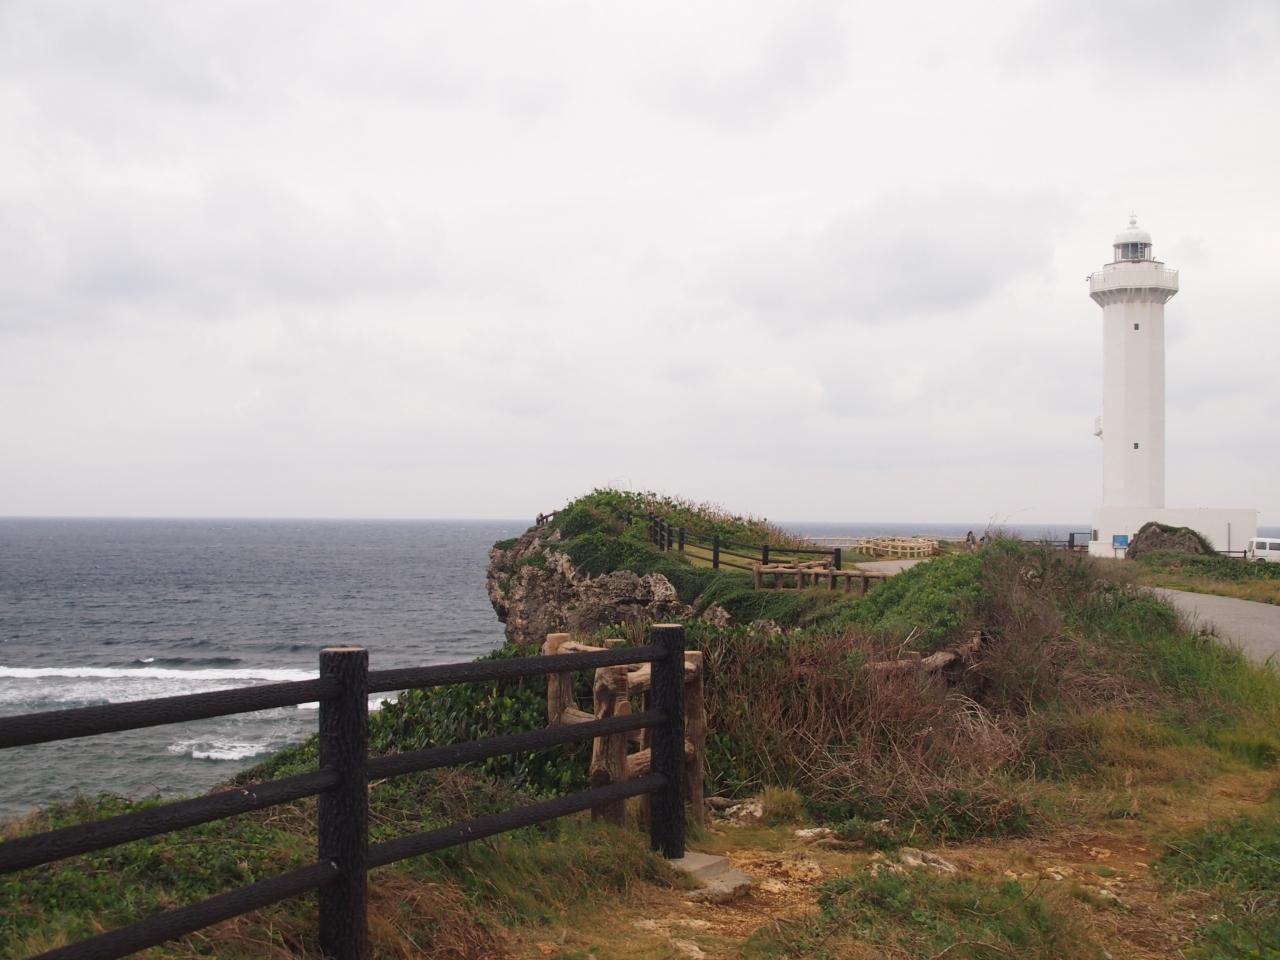 再び車を走らせ、東平安名崎へ。 イムギャーマリンガーデンから15分ほどです。 海の写真を撮ろうと木の柵のところで構えていましたら、息をするのも苦しいほど風が強い! でも、灯台へ登ってみましょう。